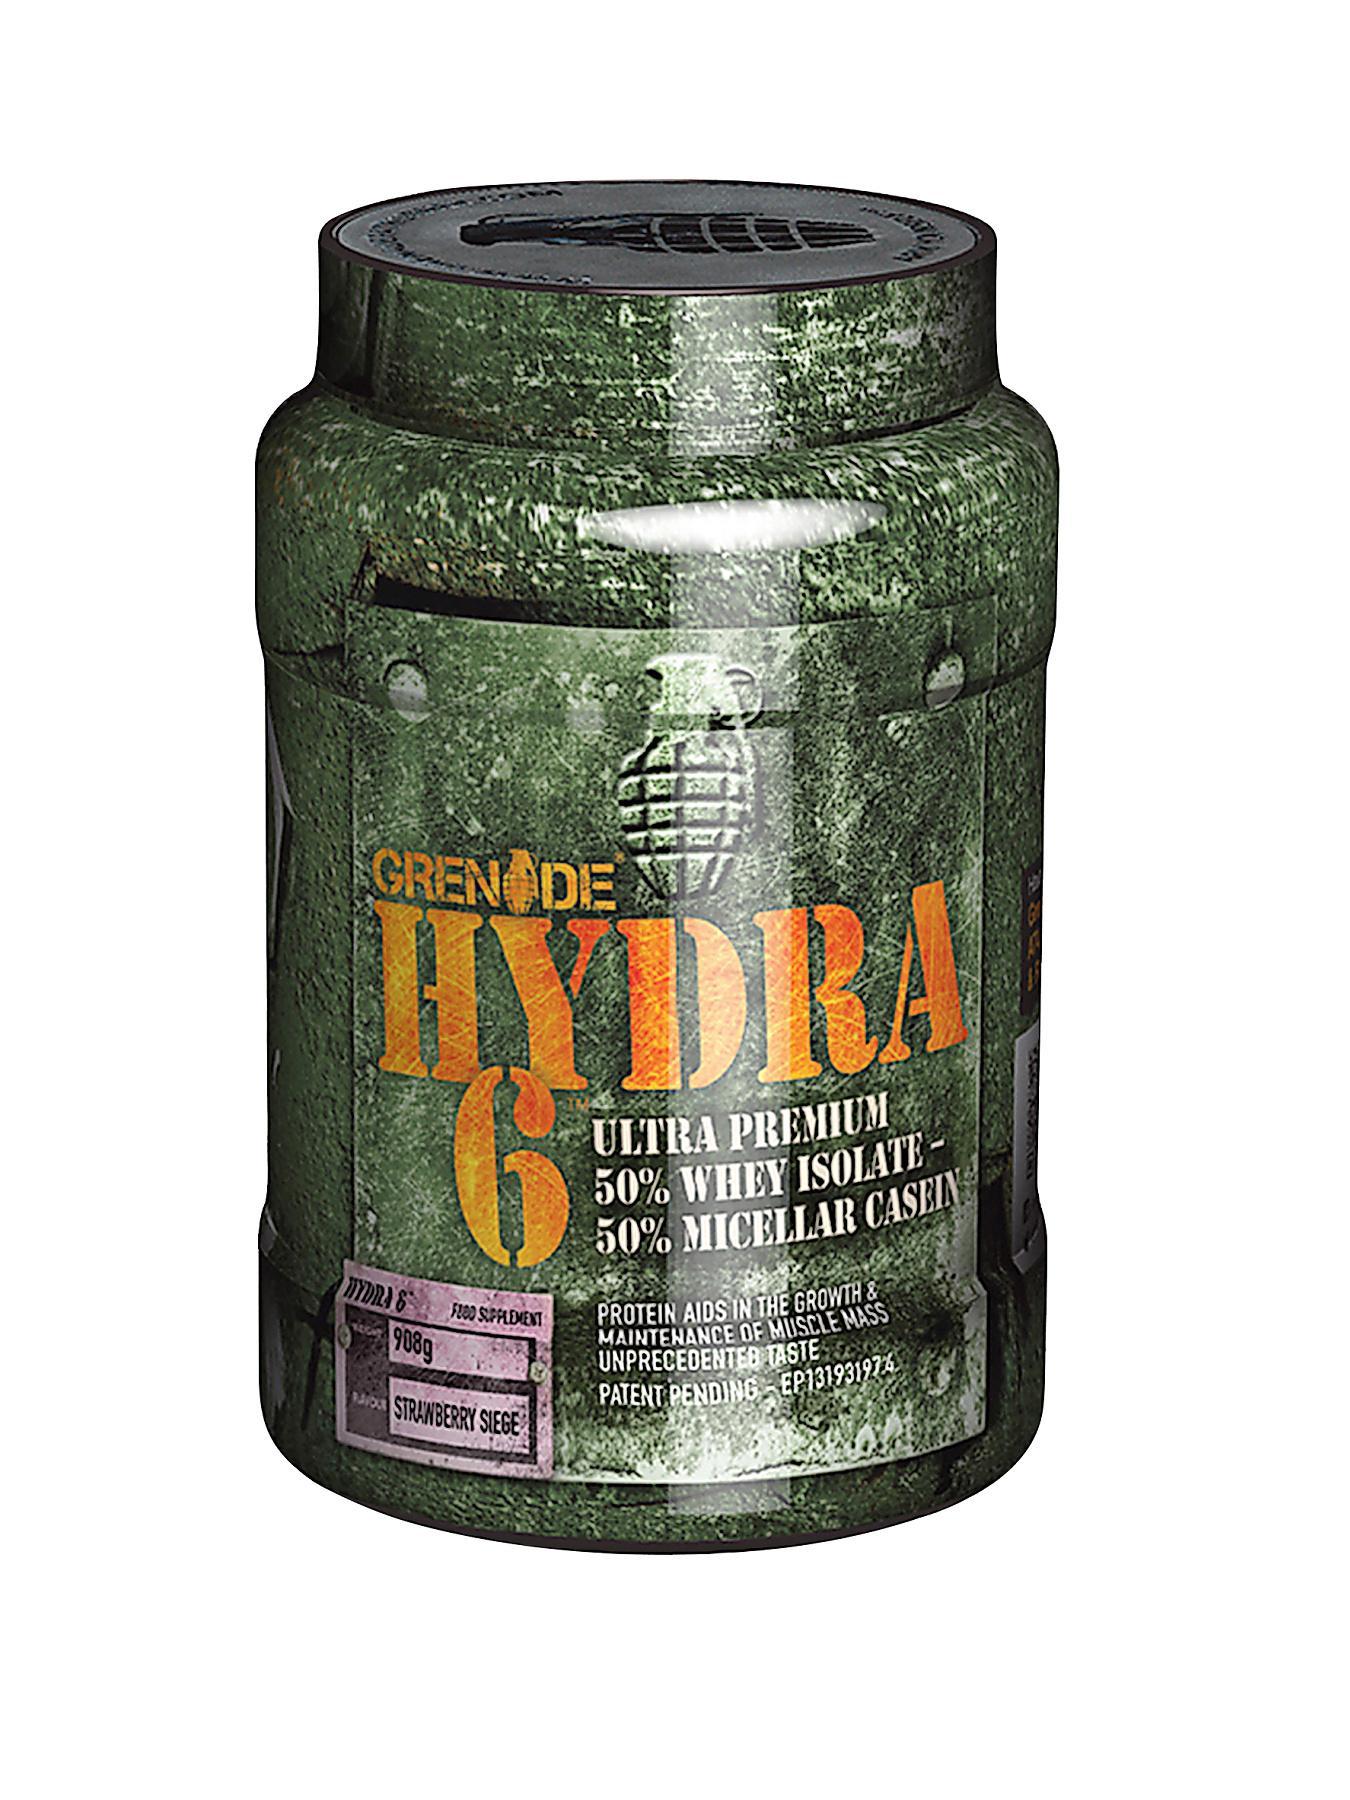 GRENADE Hydra Protein Powder 908g Strawberry Siege